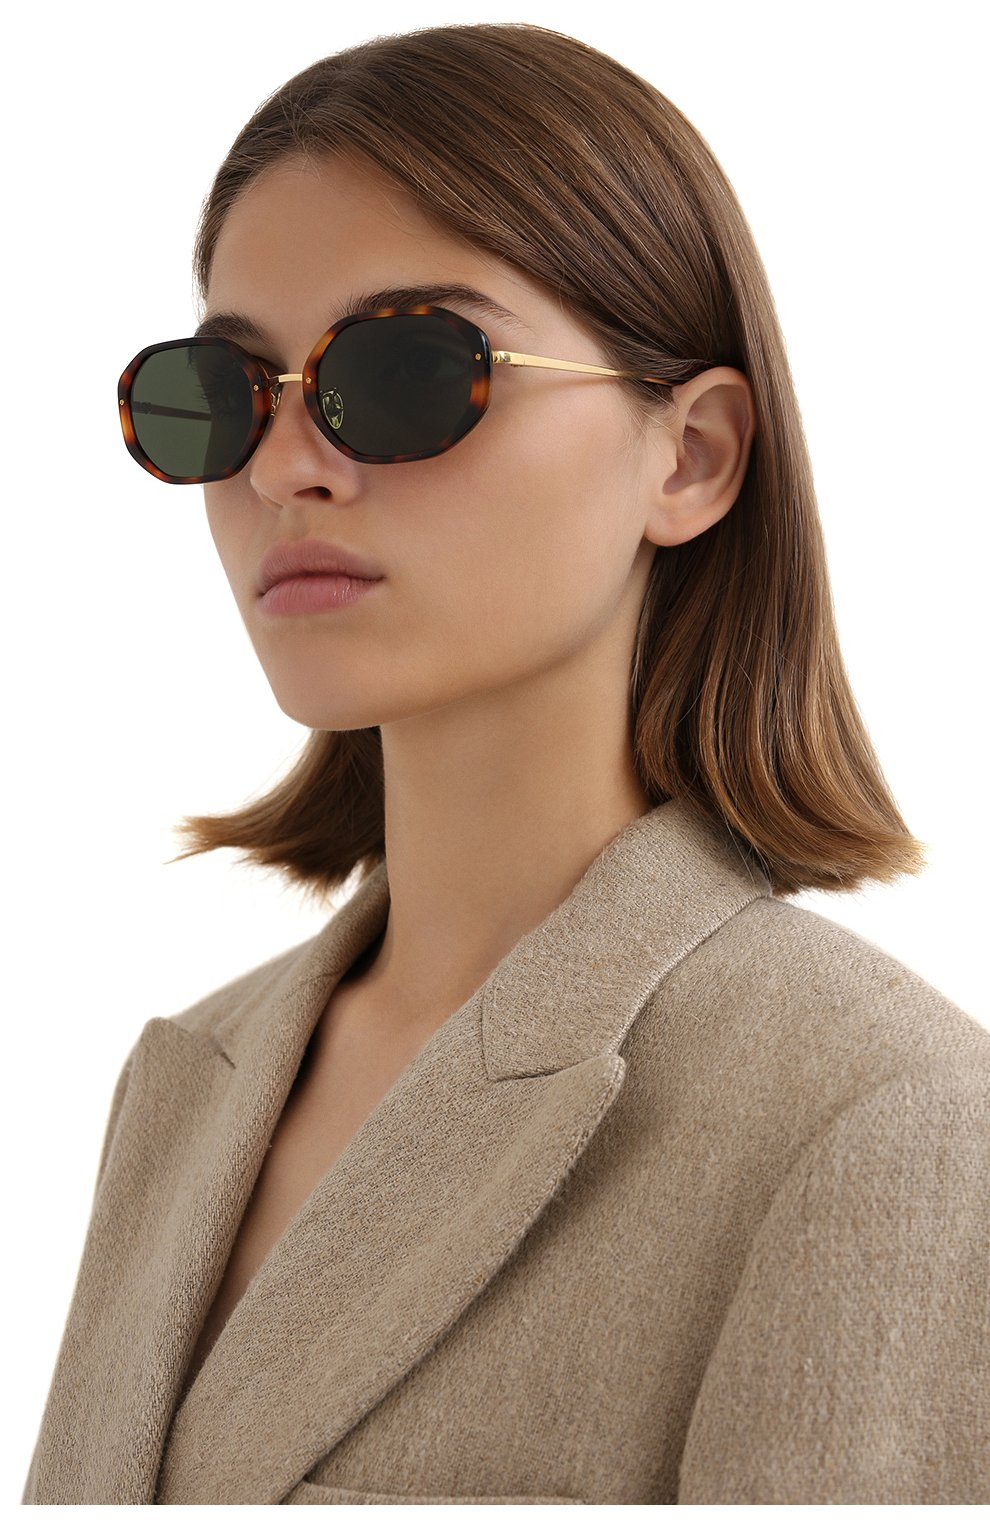 Женские солнцезащитные очки LINDA FARROW коричневого цвета, арт. LFL1084C2 SUN | Фото 2